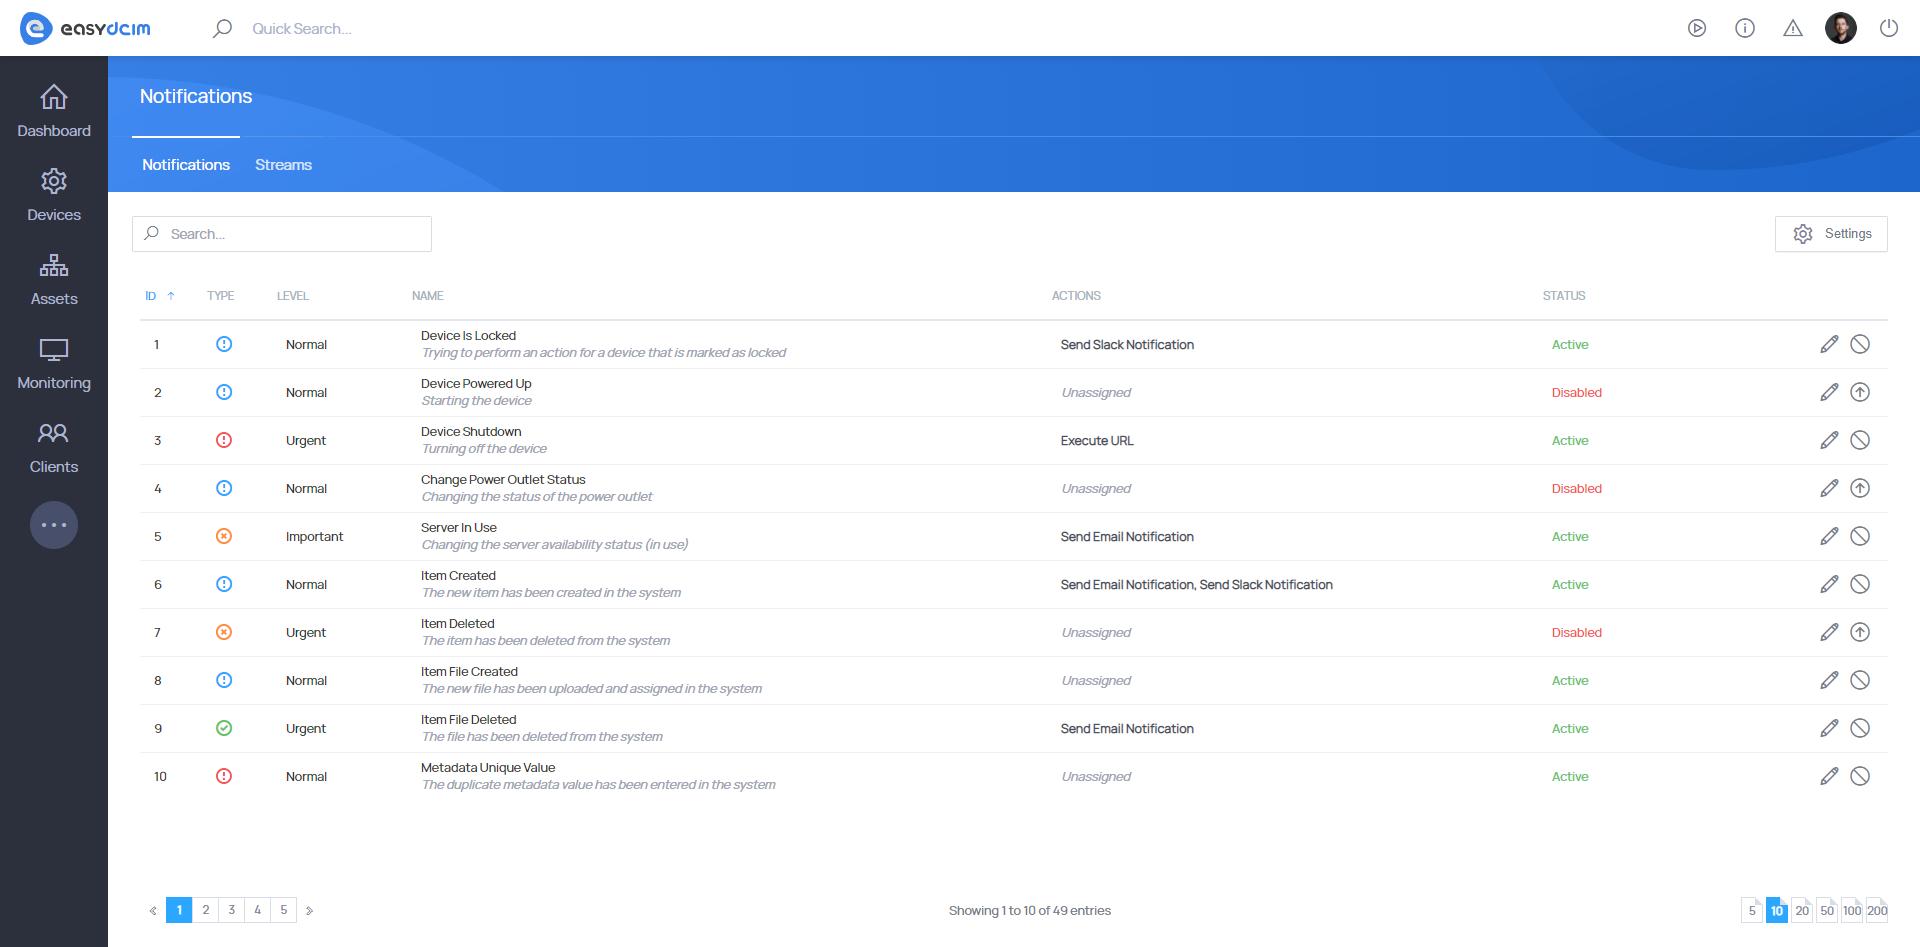 Notifications List - EasyDCIM v1.7.0